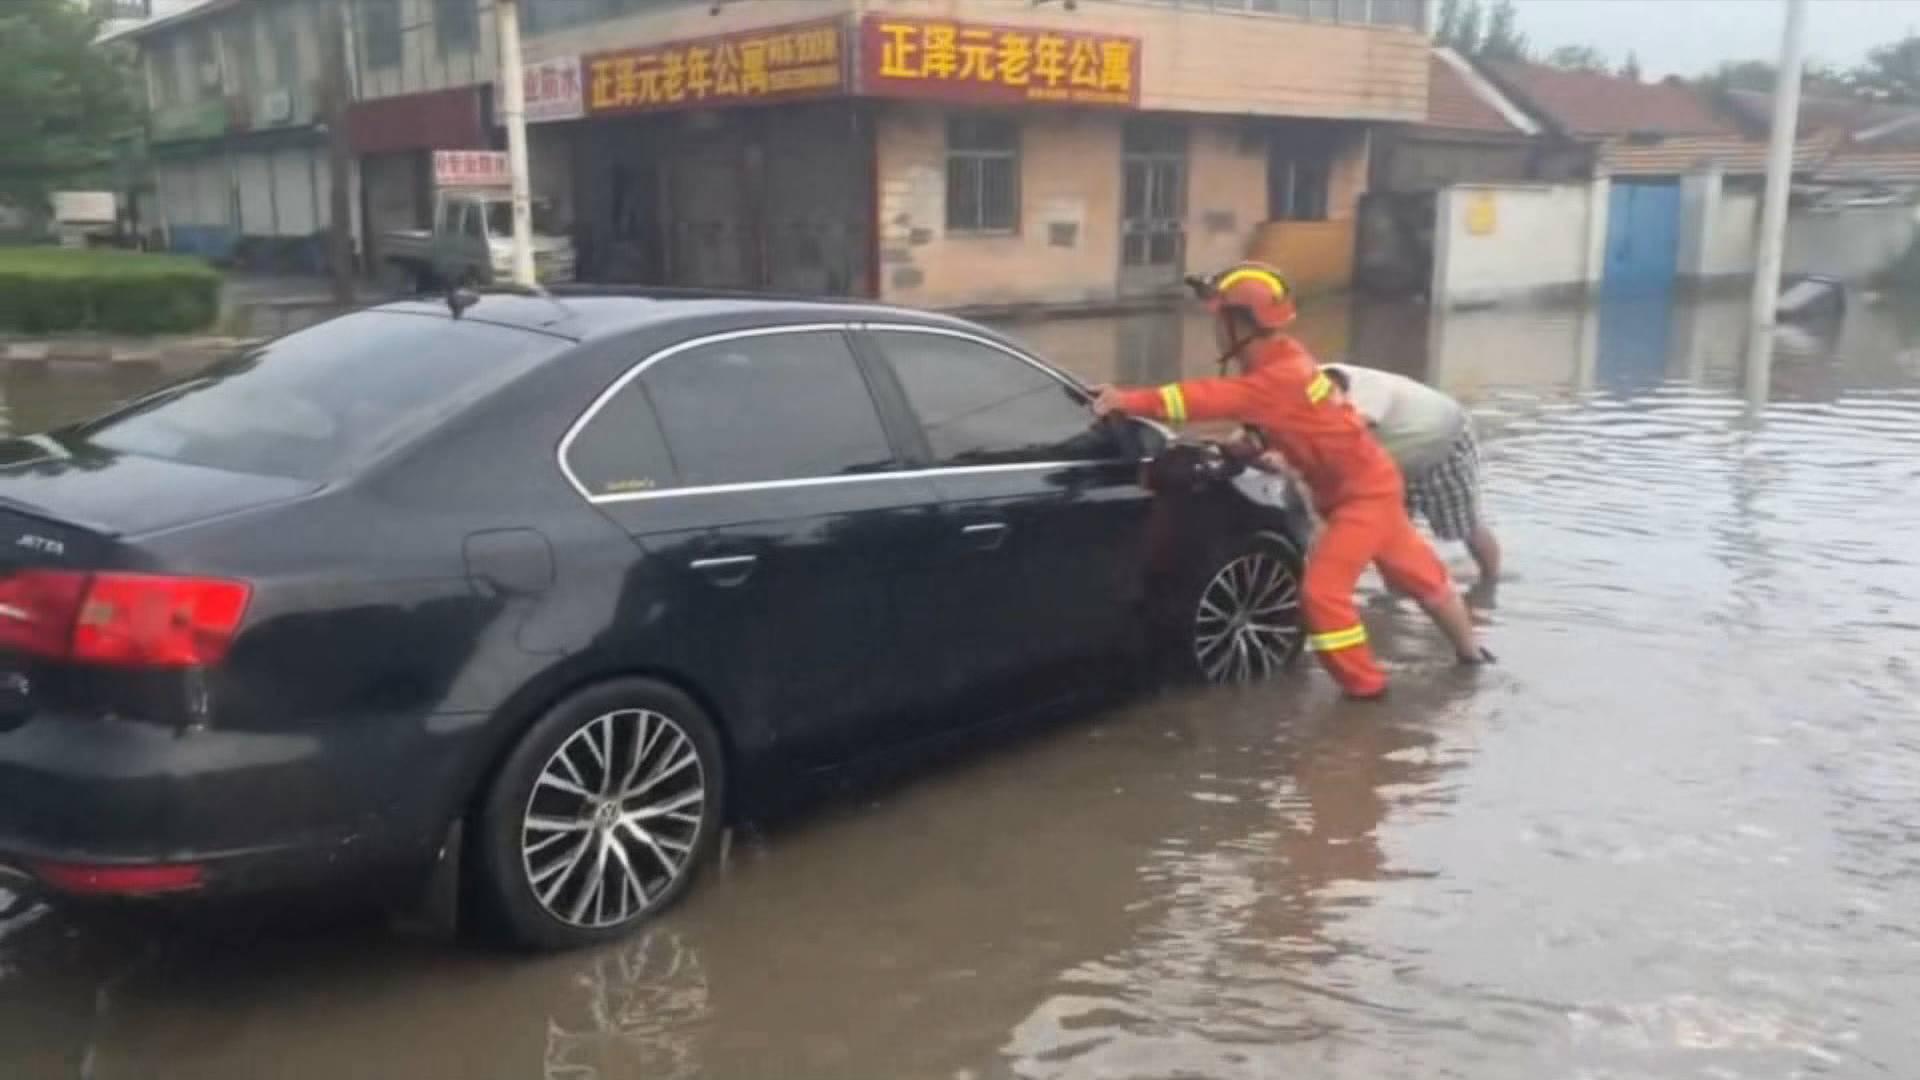 淄博突降暴雨多辆汽车积水中熄火,山东这些地方仍将有暴雨+雷电 注意防范